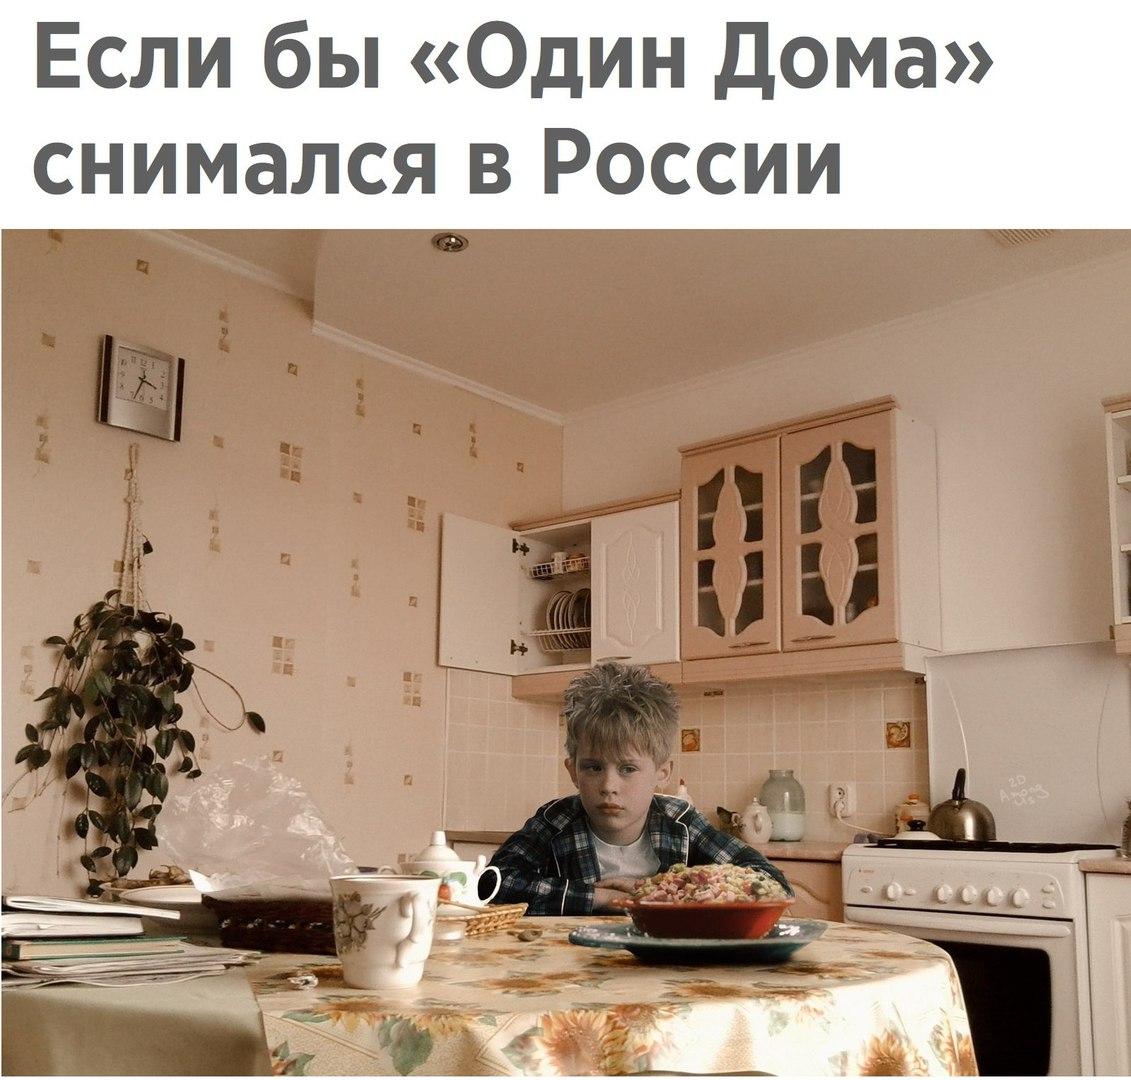 талию, демотиватор муж один дома этого вида